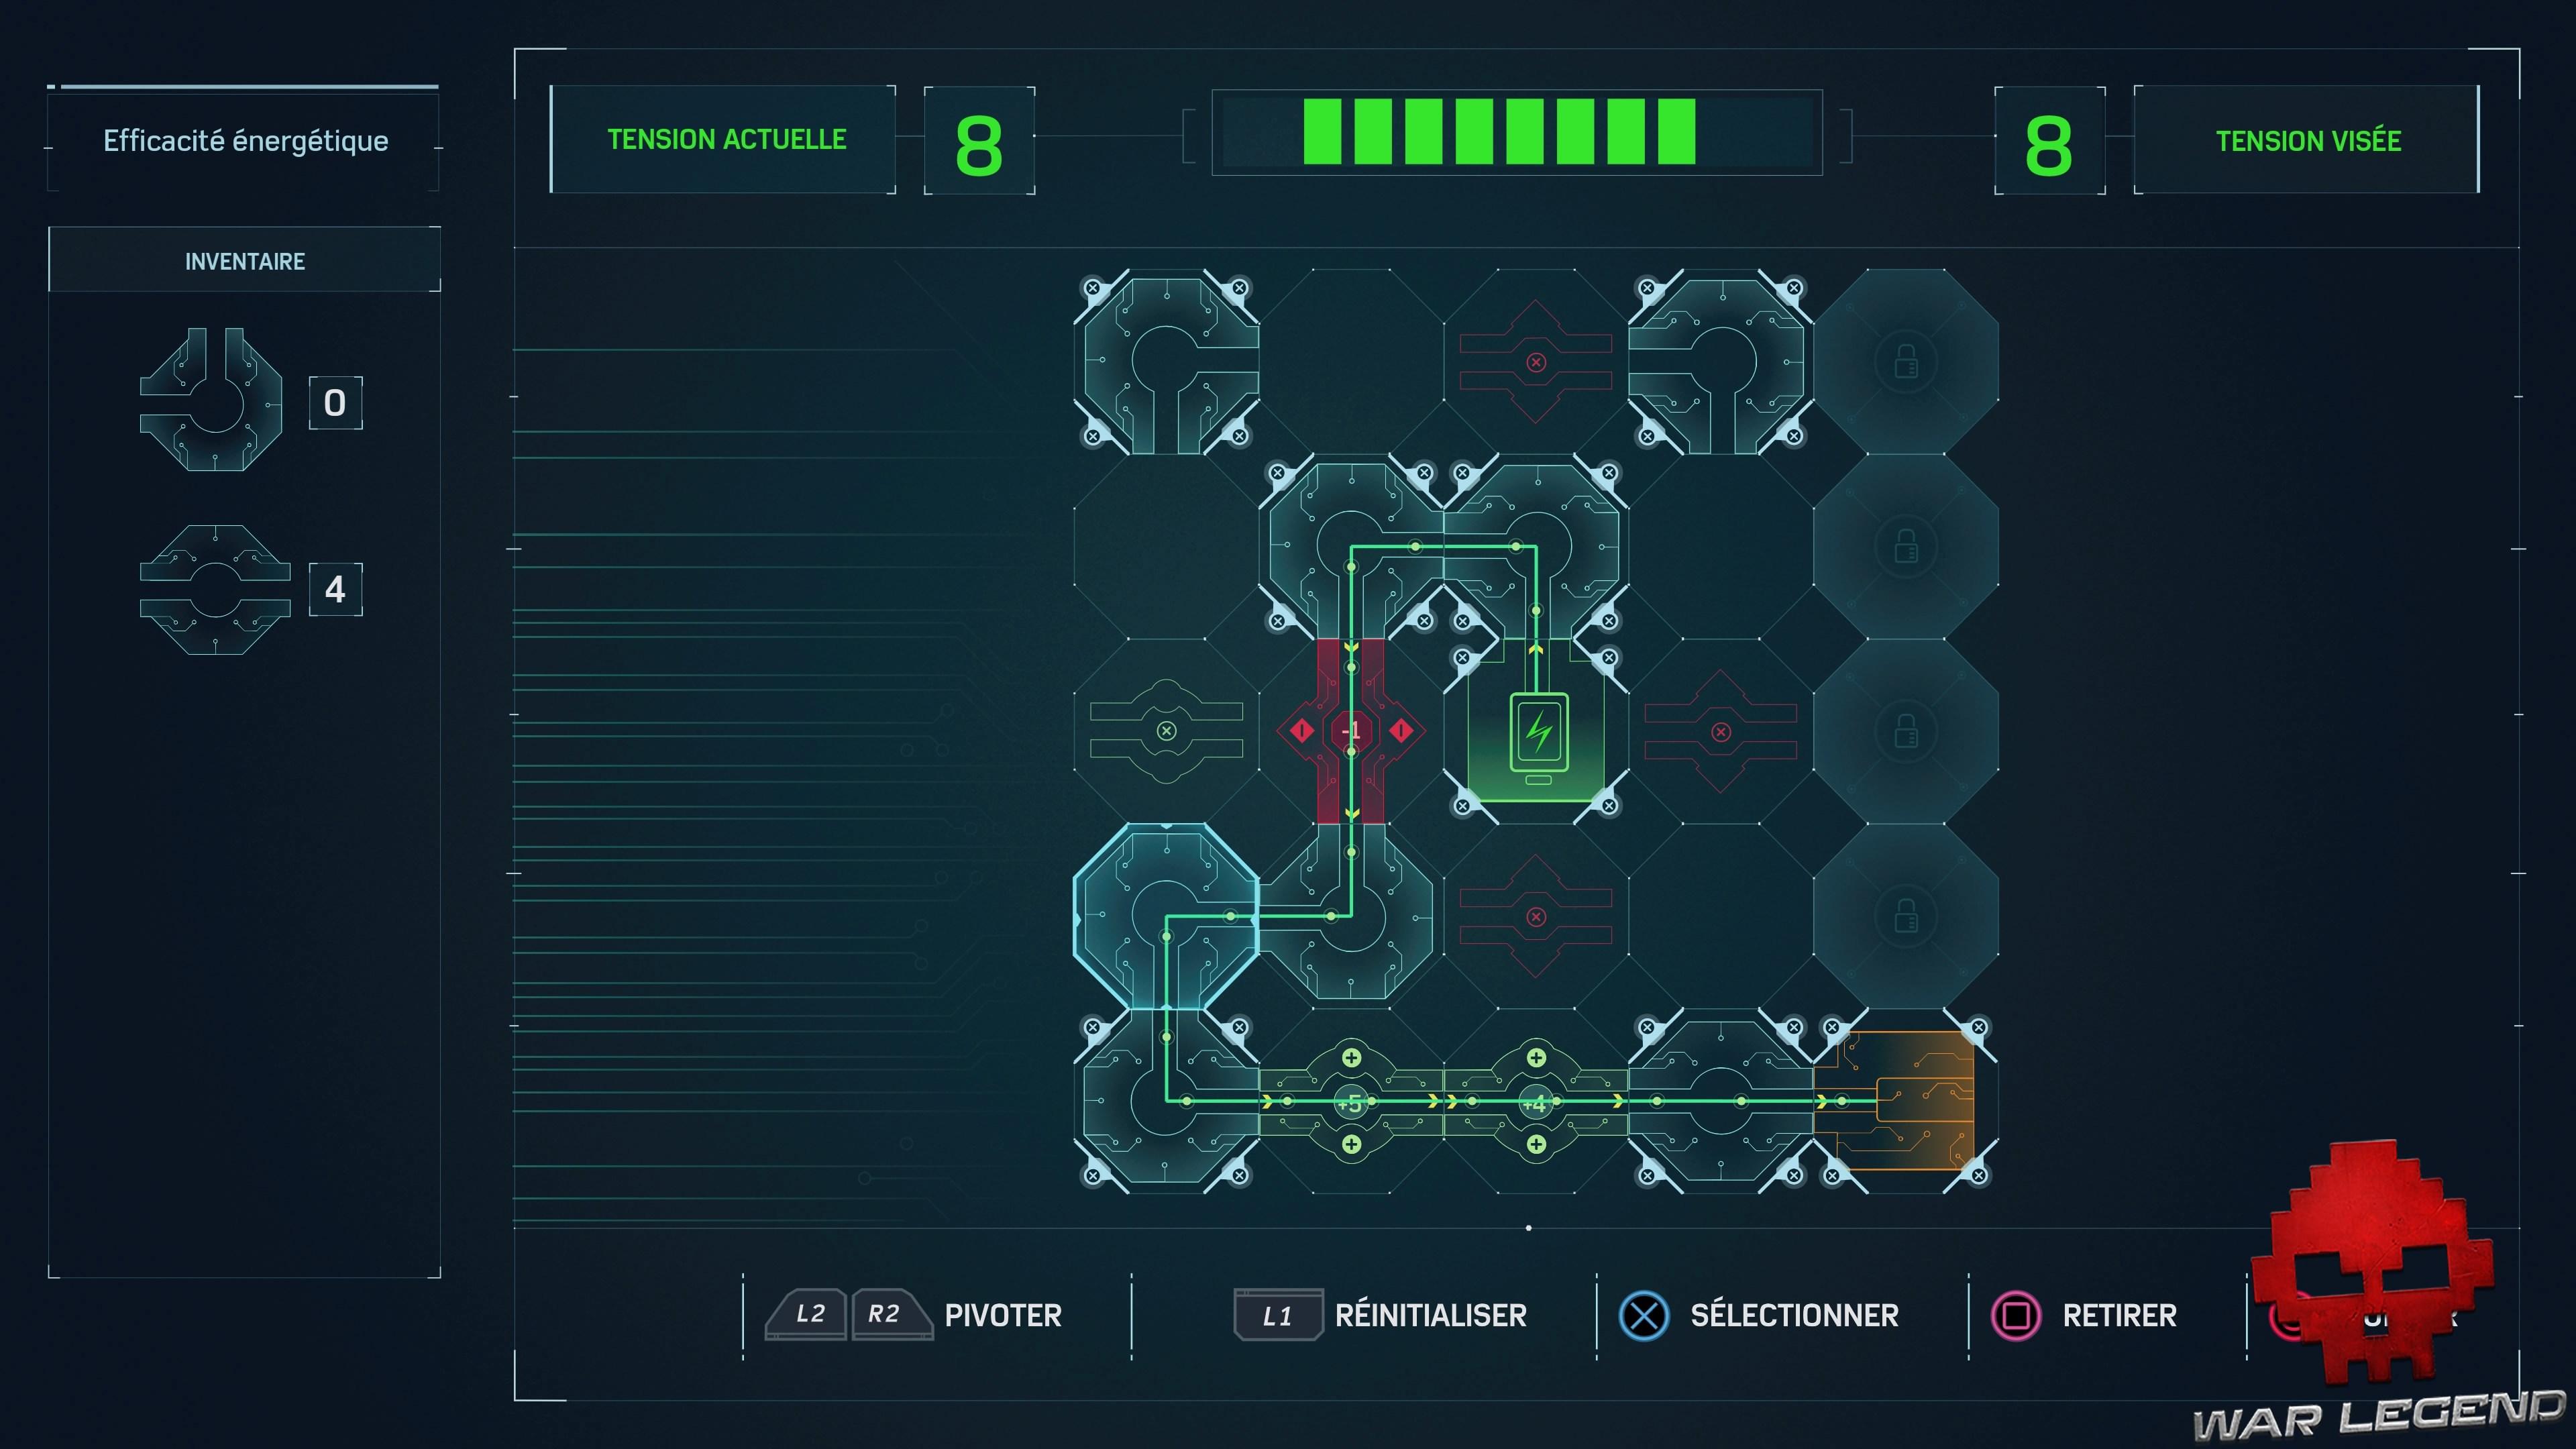 guide Spider-Man Circuits électroniques Efficacité énergétique